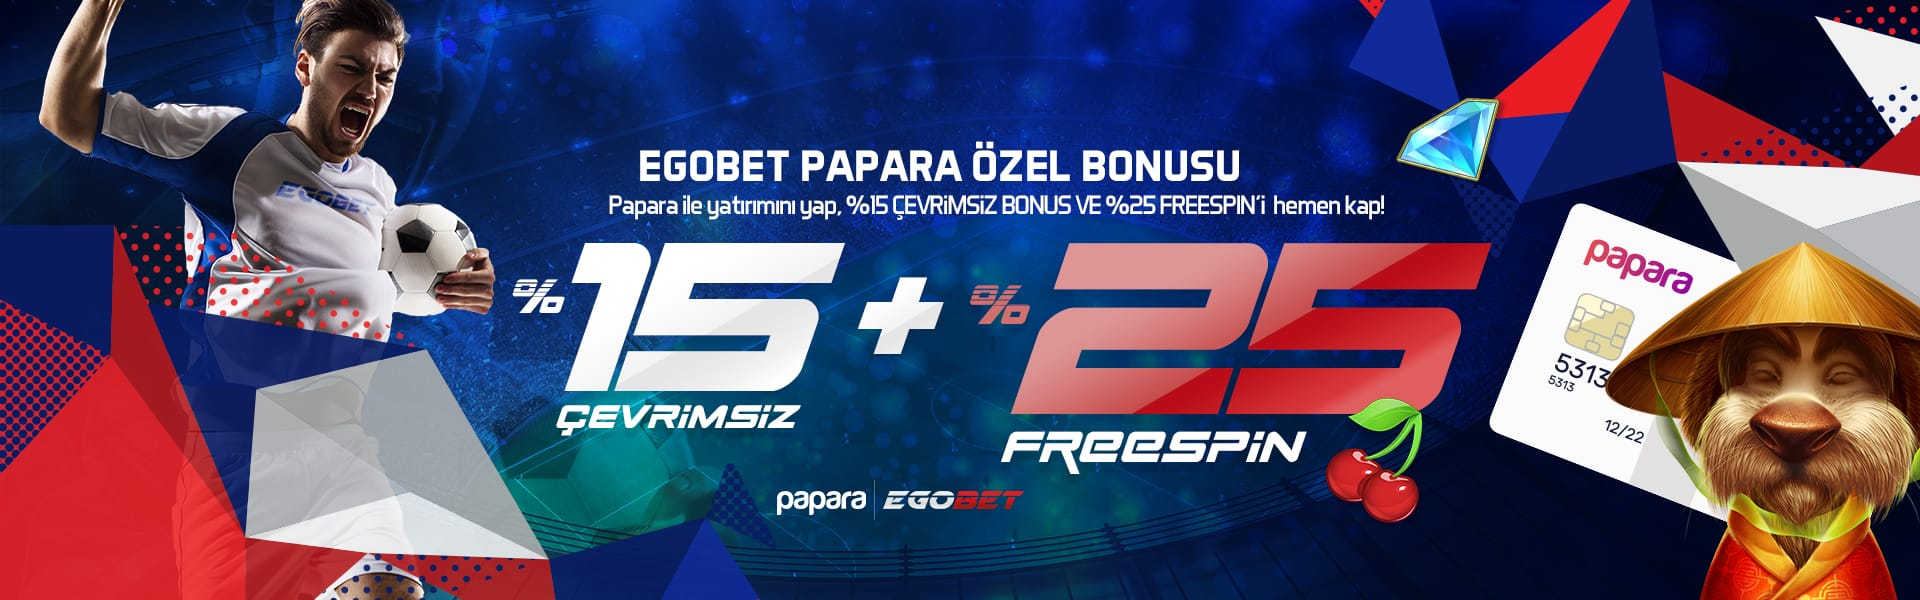 egobet25.com